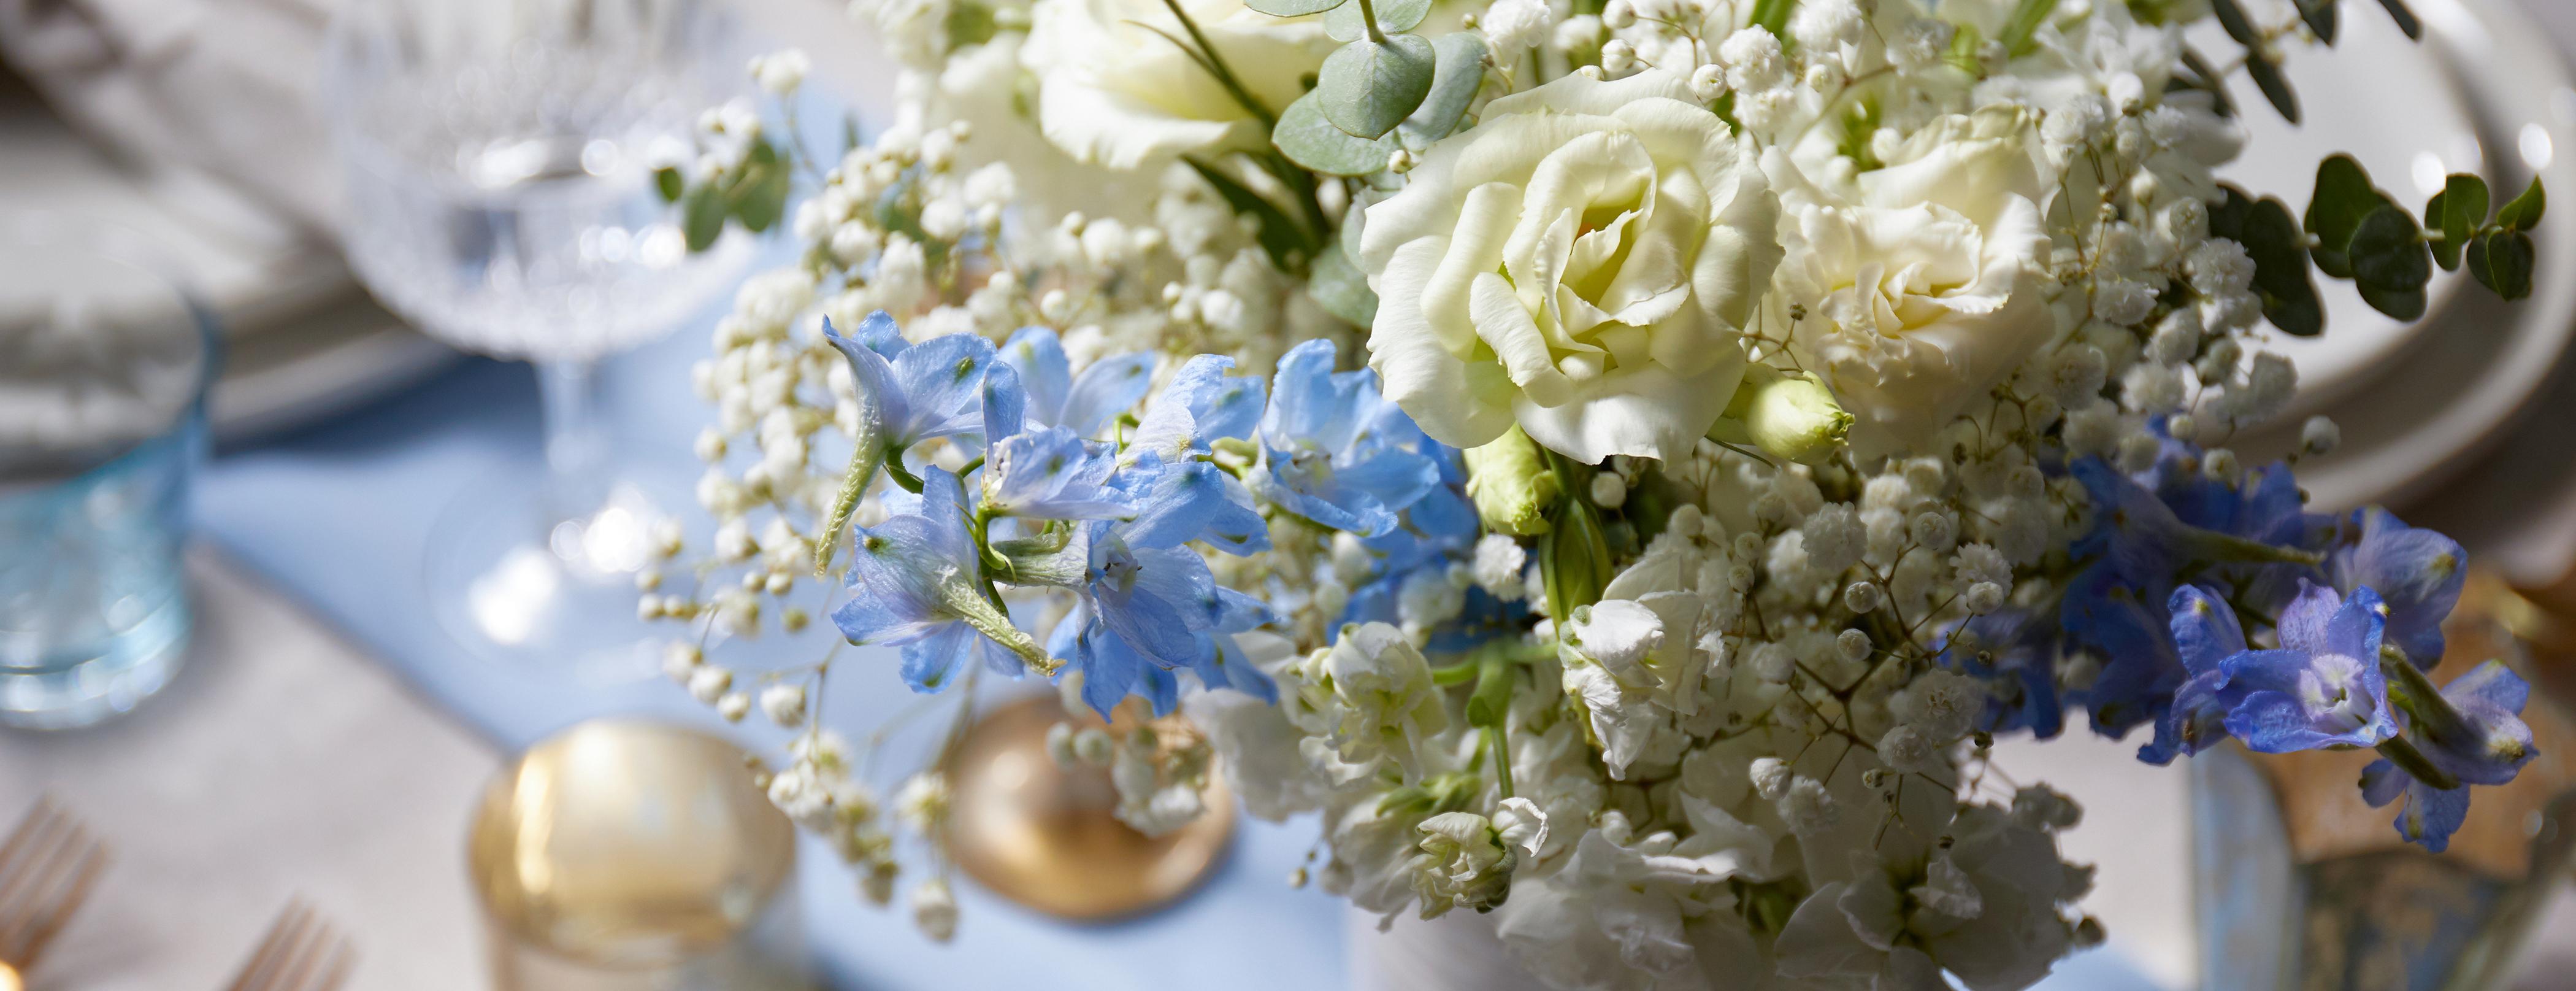 Floral bouquet on set table featuring delphinium flowers